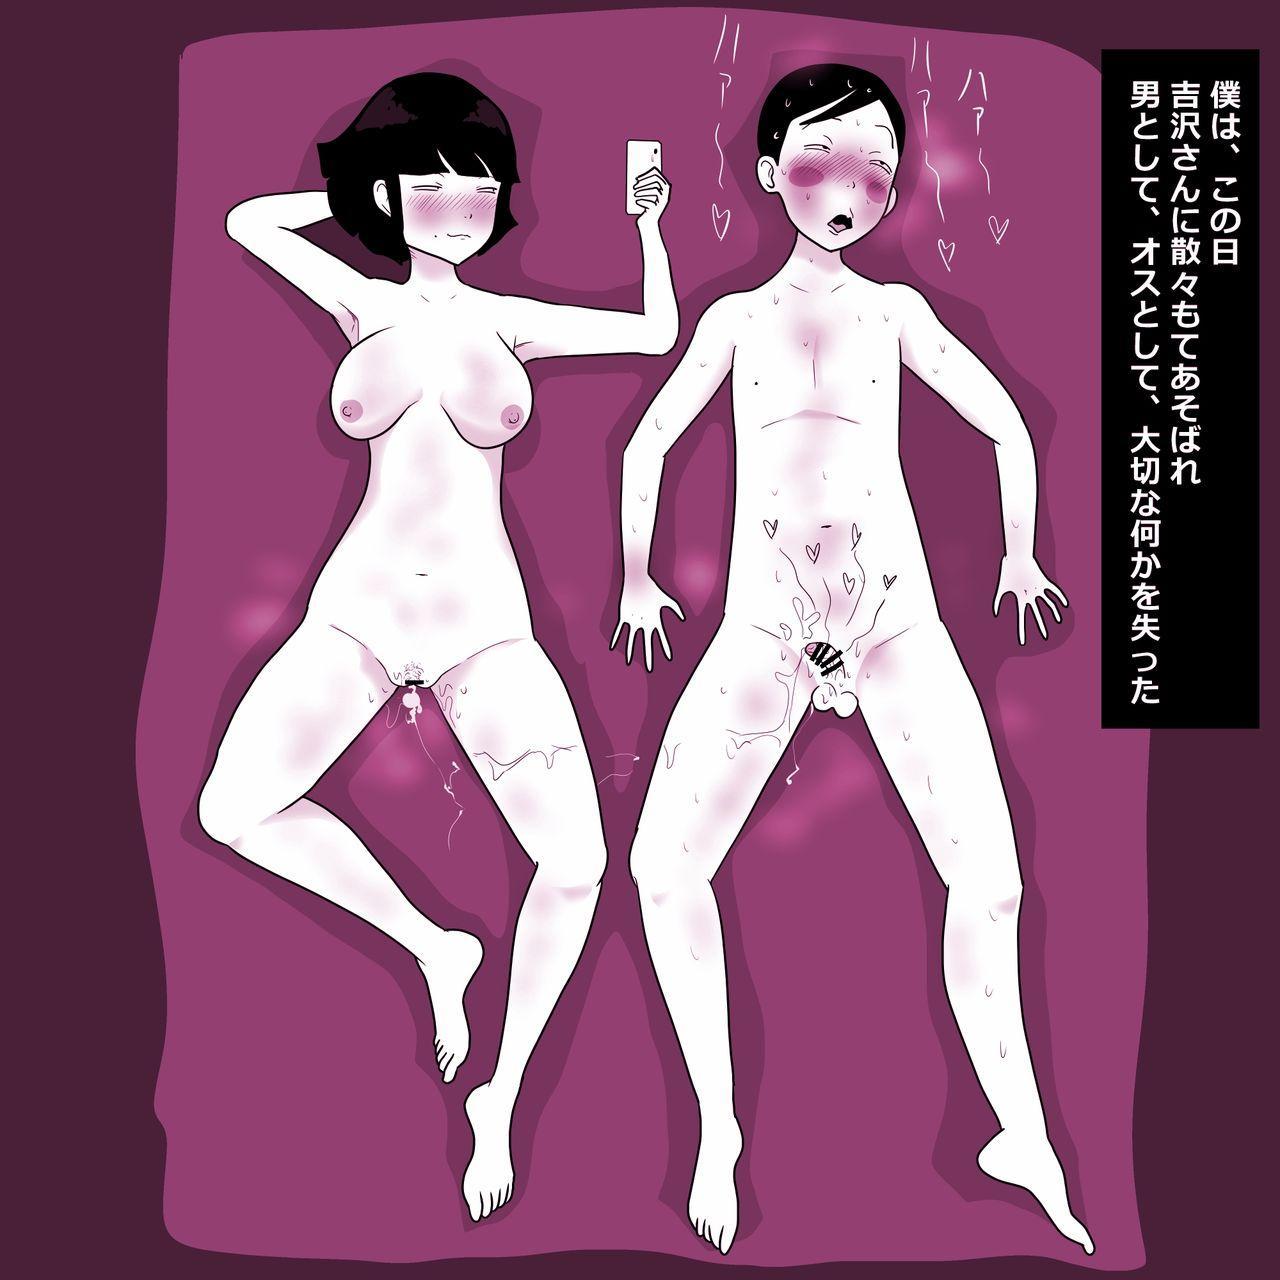 Gakkou no InChara Joshi 5 40